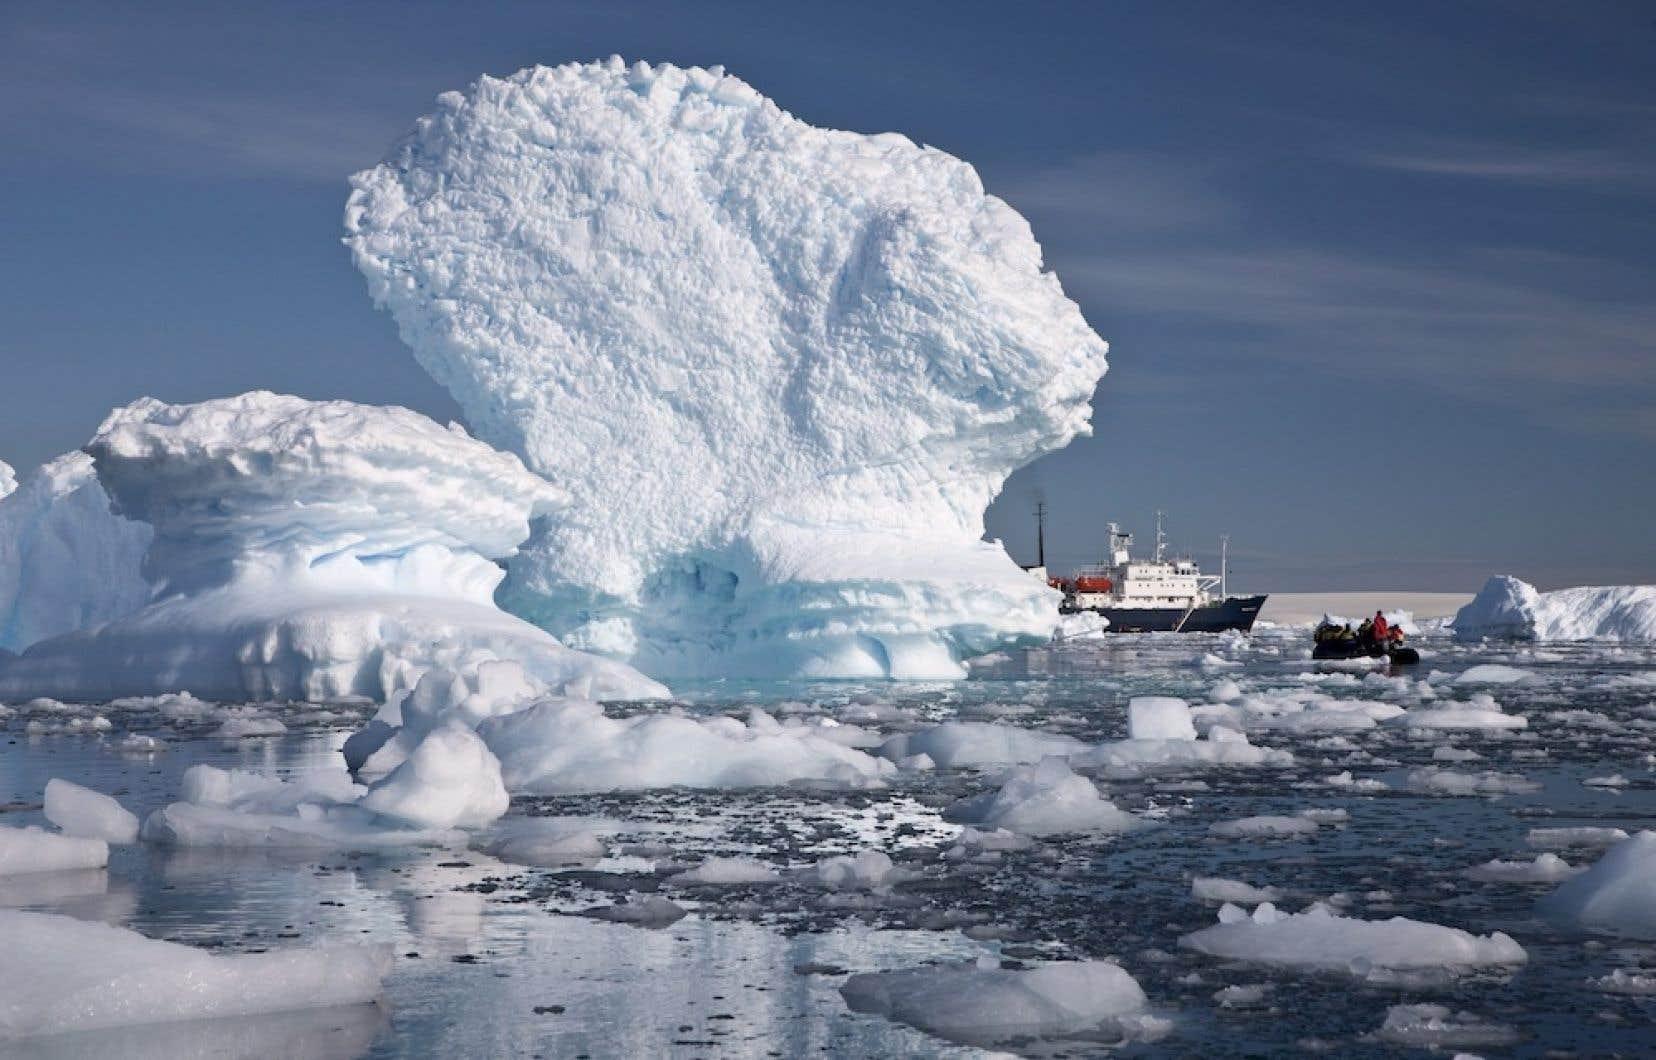 Les températures ont régulièrement augmenté depuis des centaines d'années en Antarctique, mais la fonte ne s'est intensifiée que vers la moitié du 20e siècle.